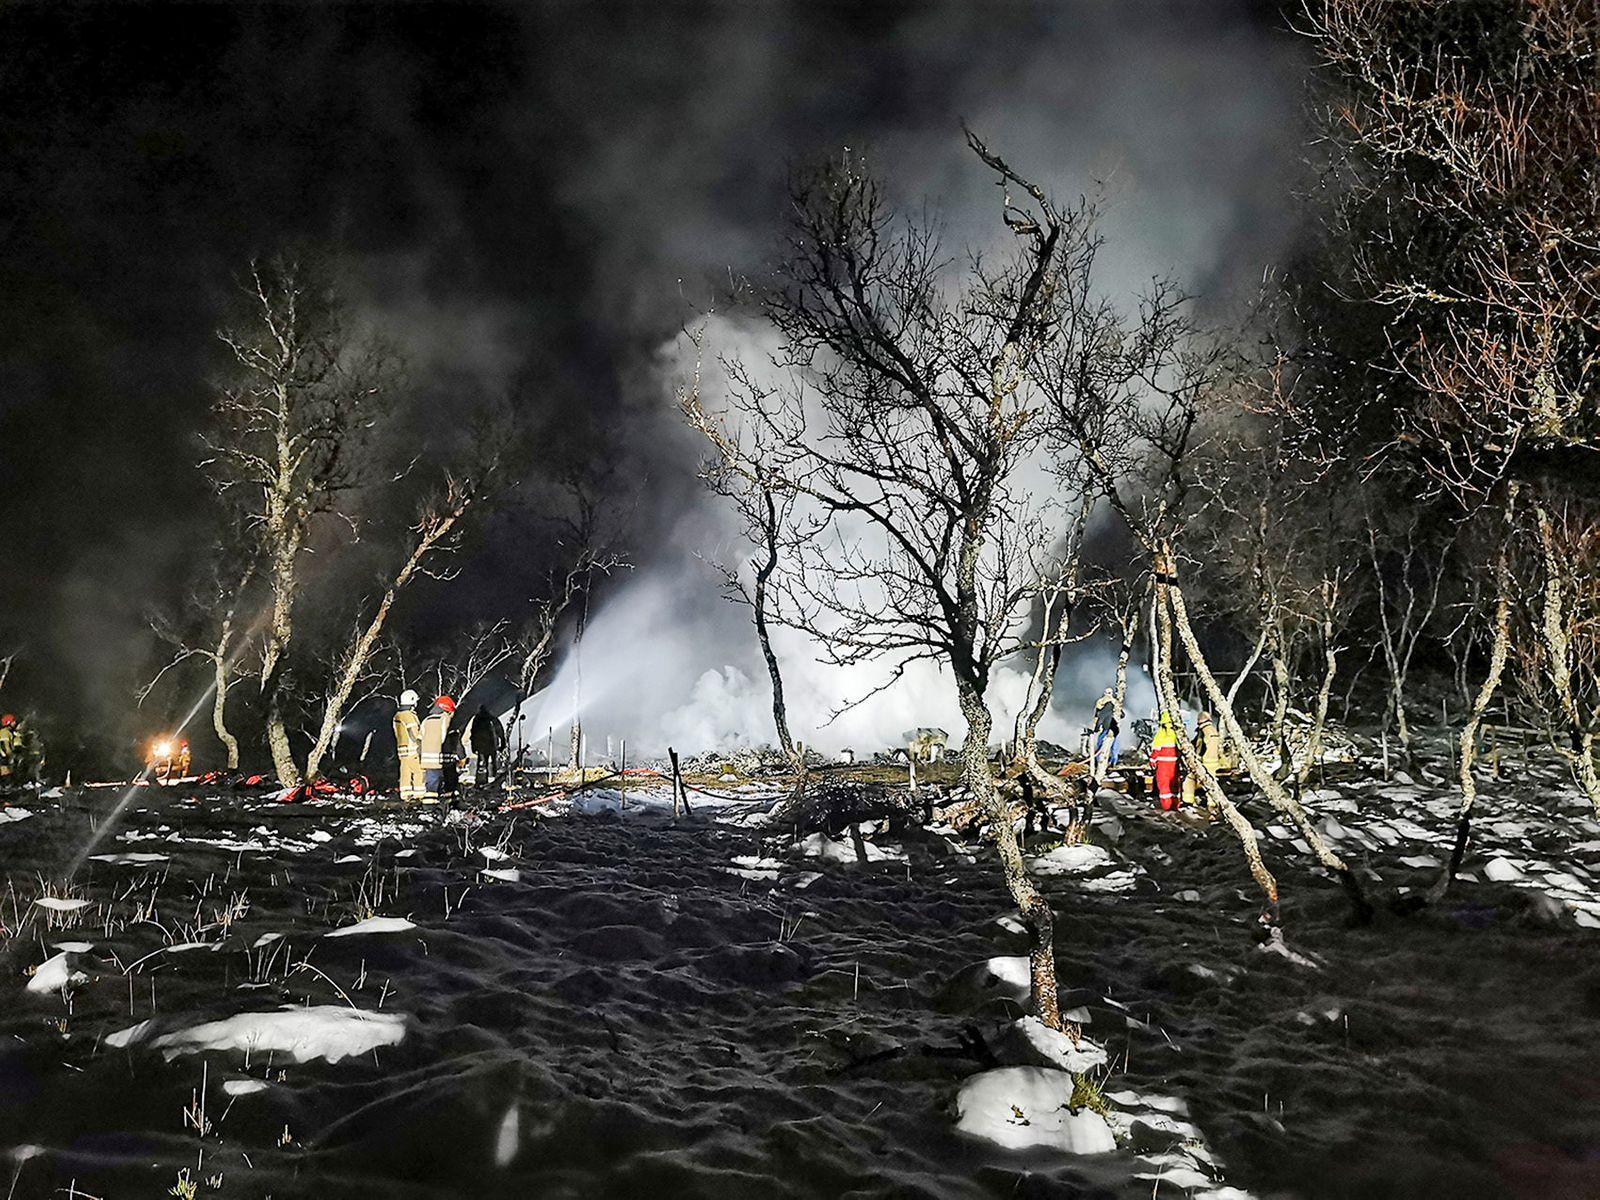 Hüttenbrand in Norwegen